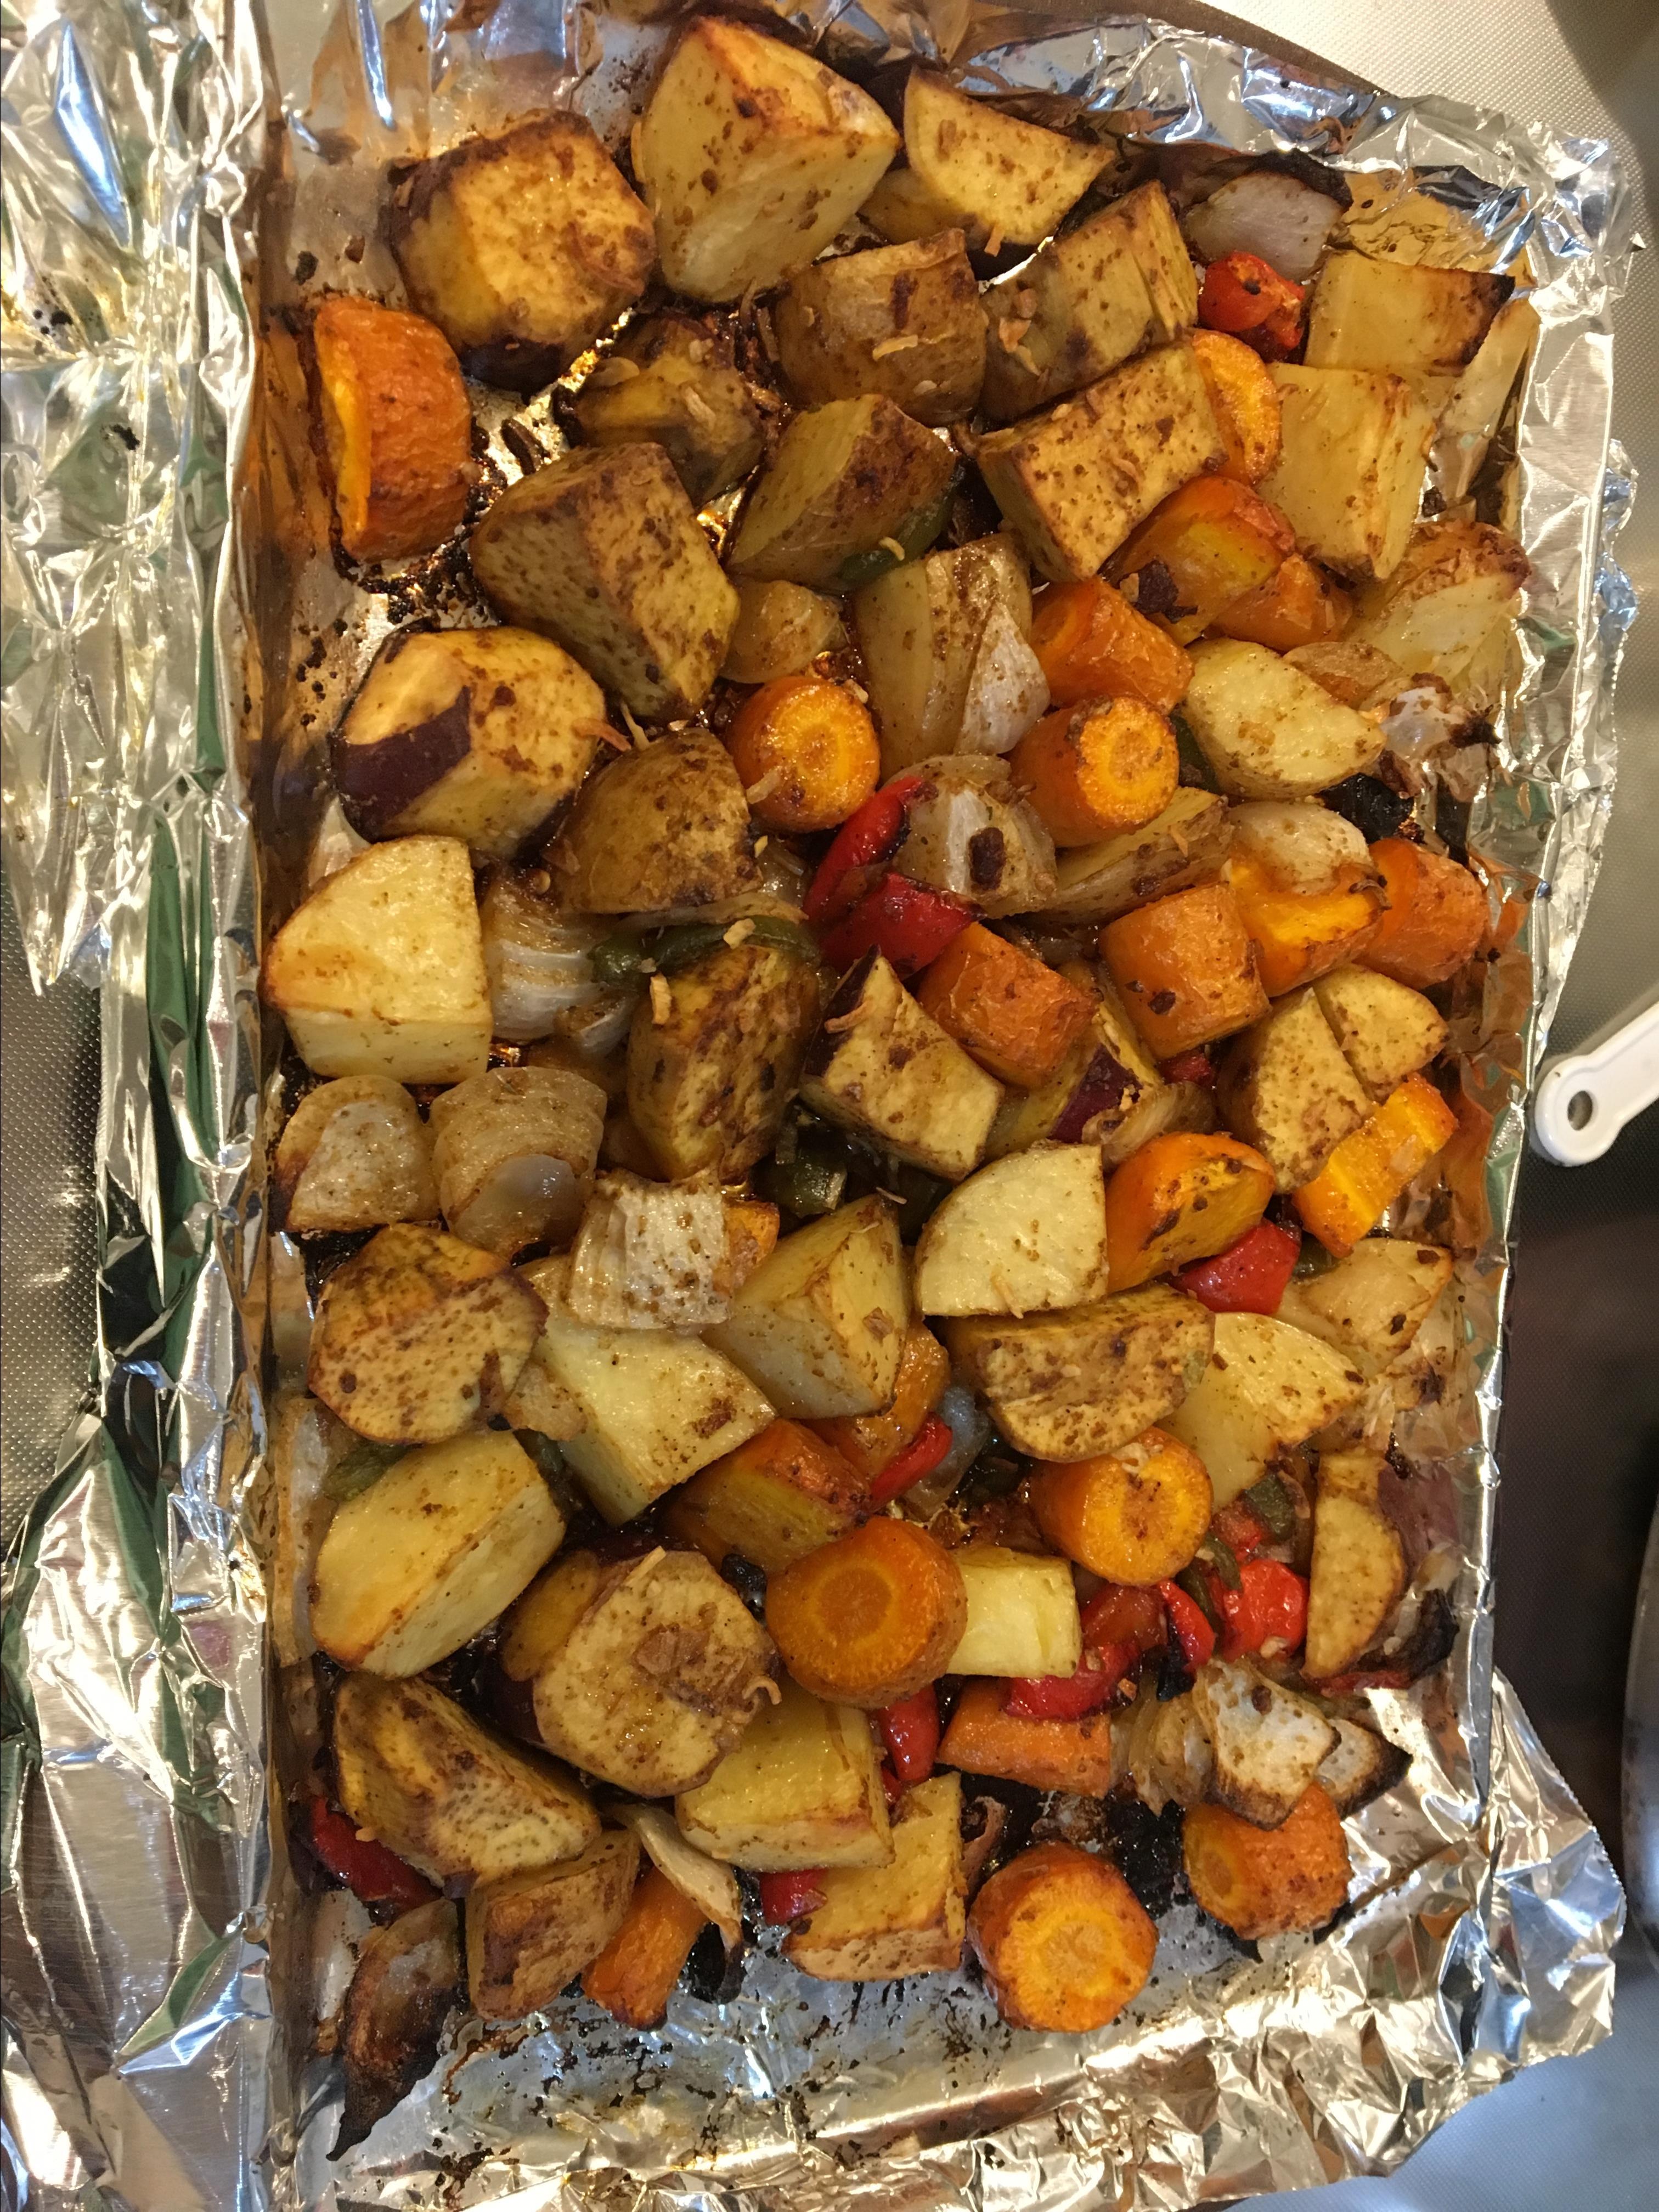 Oven Roasted Vegetables Alocin